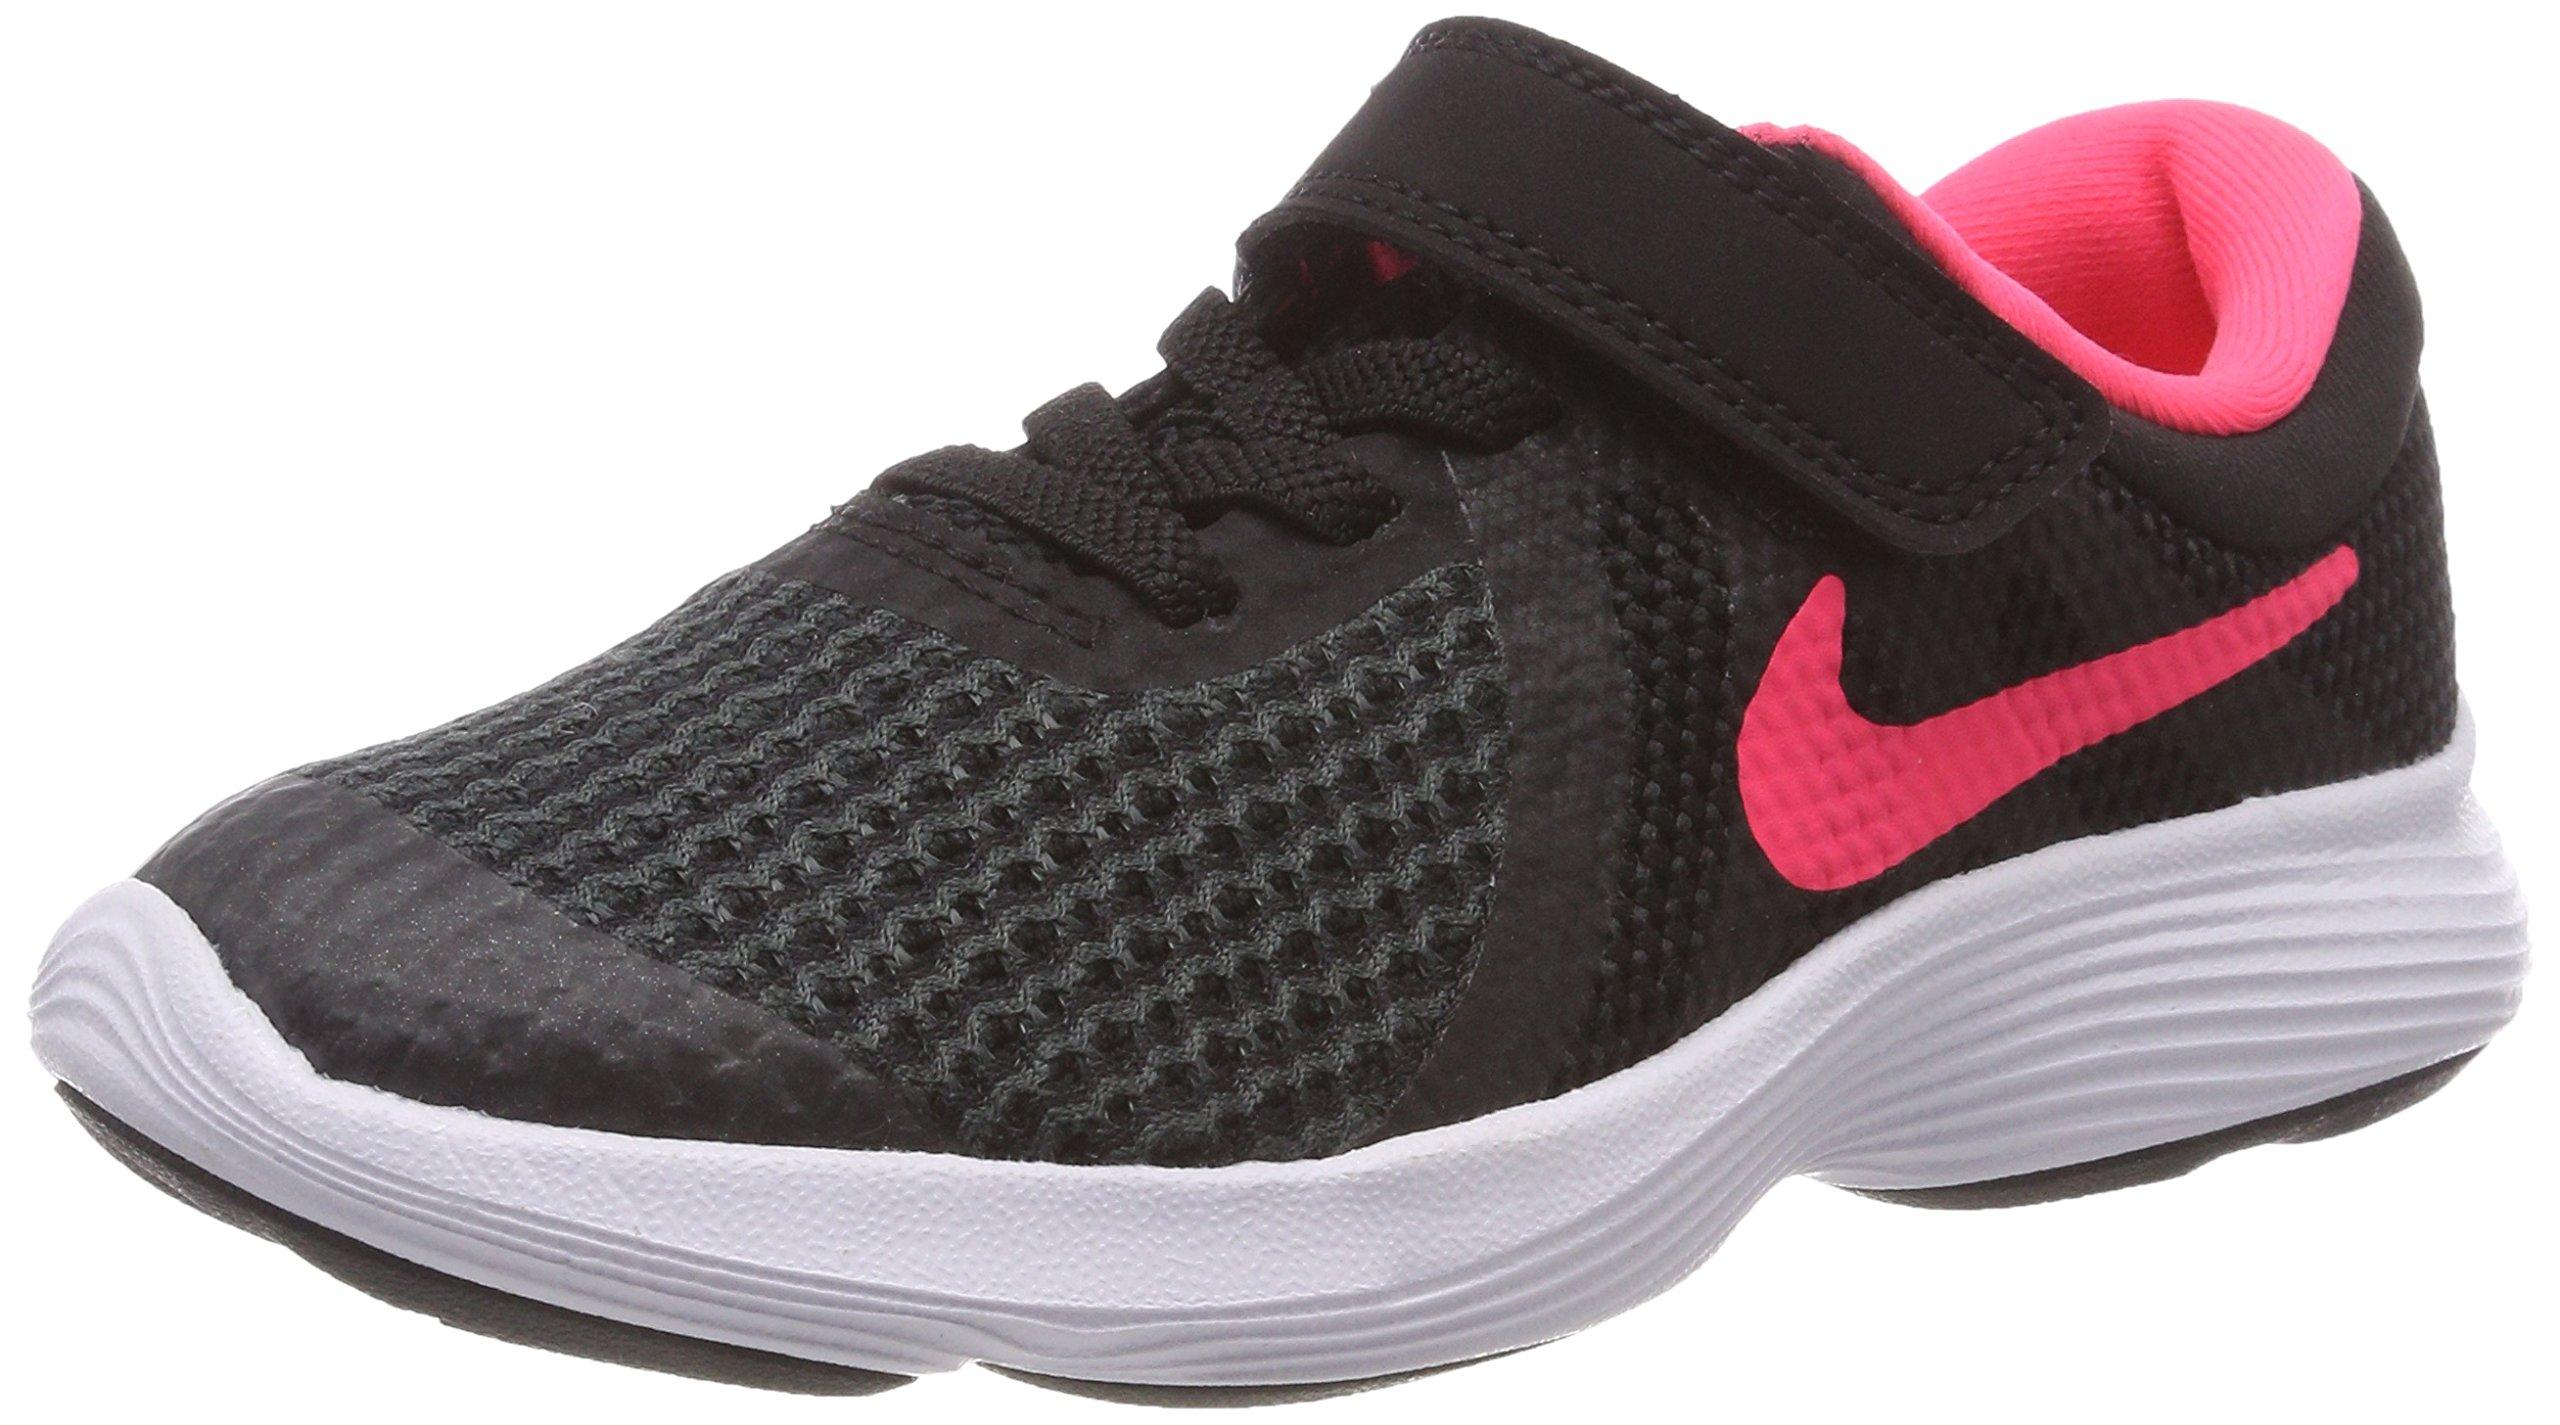 Nike Girls' Revolution 4 (PSV) Running Shoe, Black/Racer Pink-White, 11.5C Regular US Little Kid